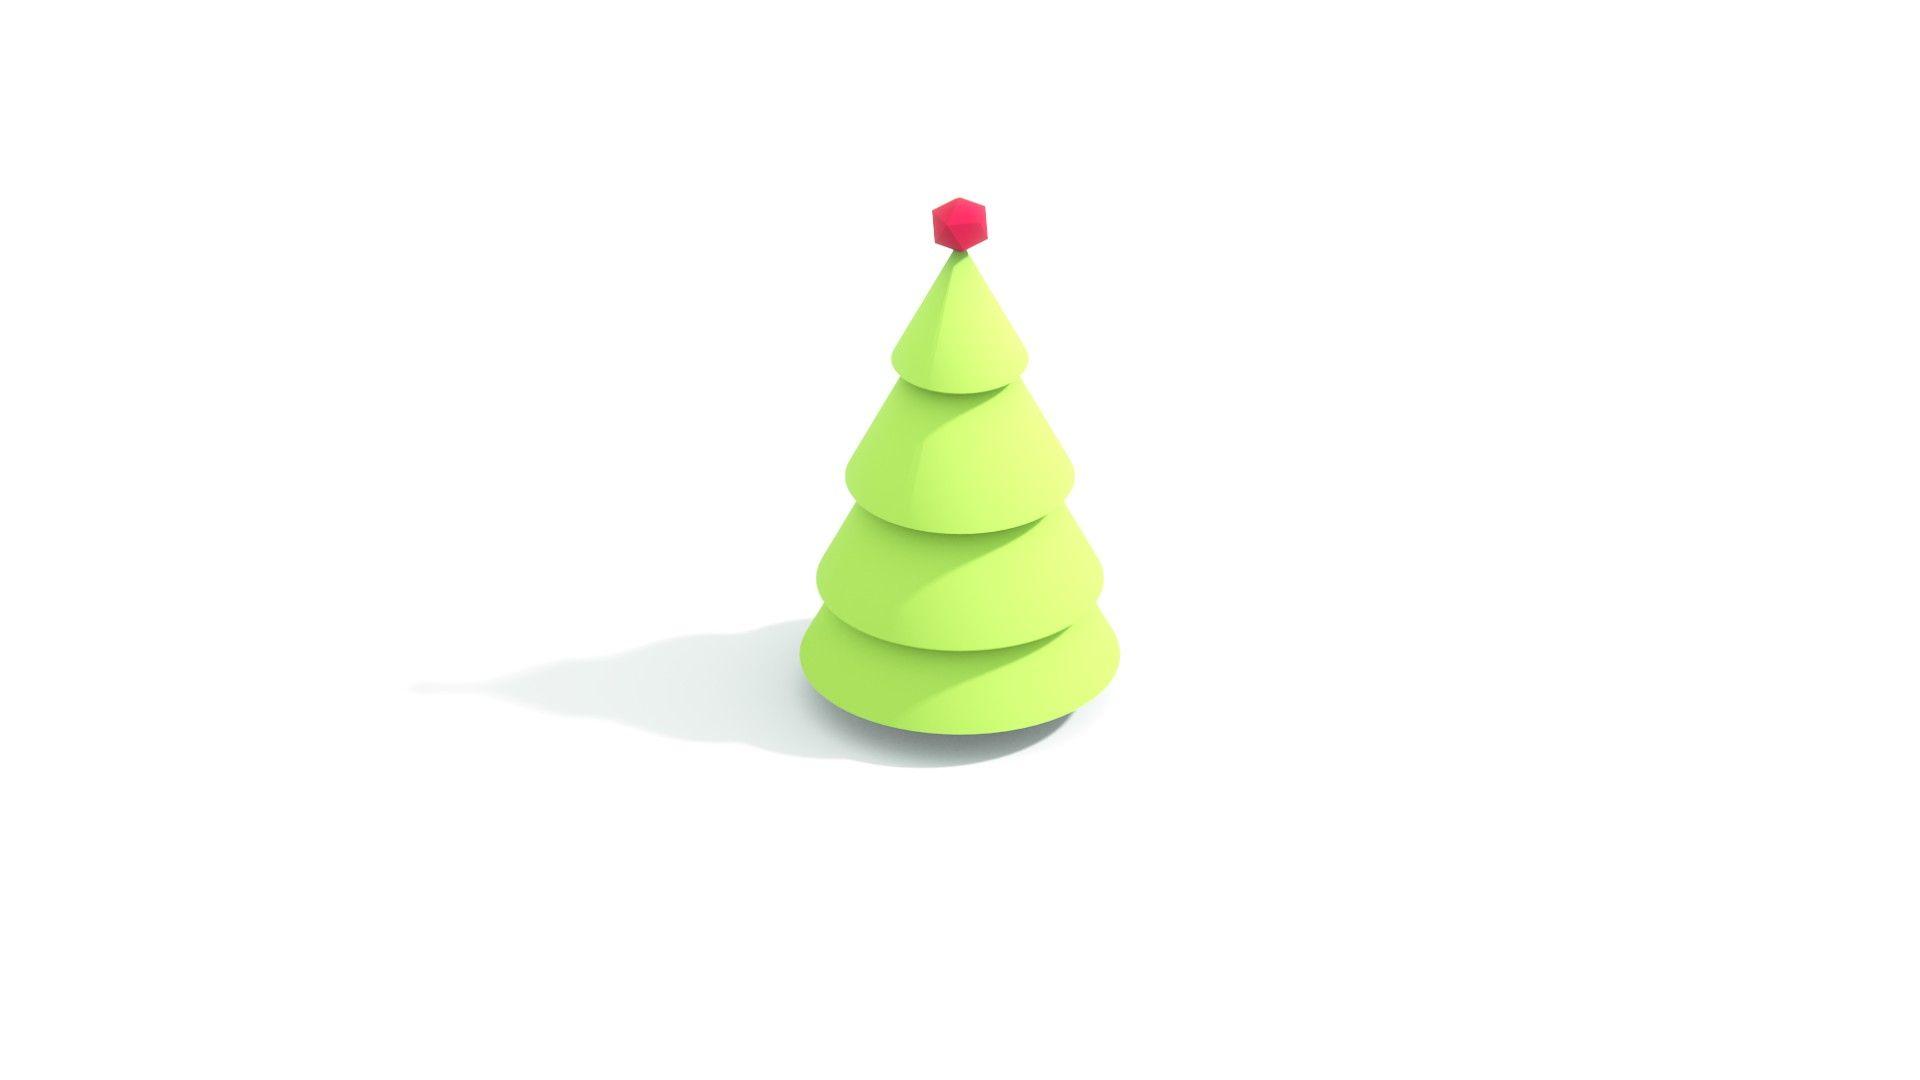 Minimalist Christmas Jpg 1 920 1 080 Pixels Minimalist Christmas Tree Minimalist Christmas Christmas Desktop